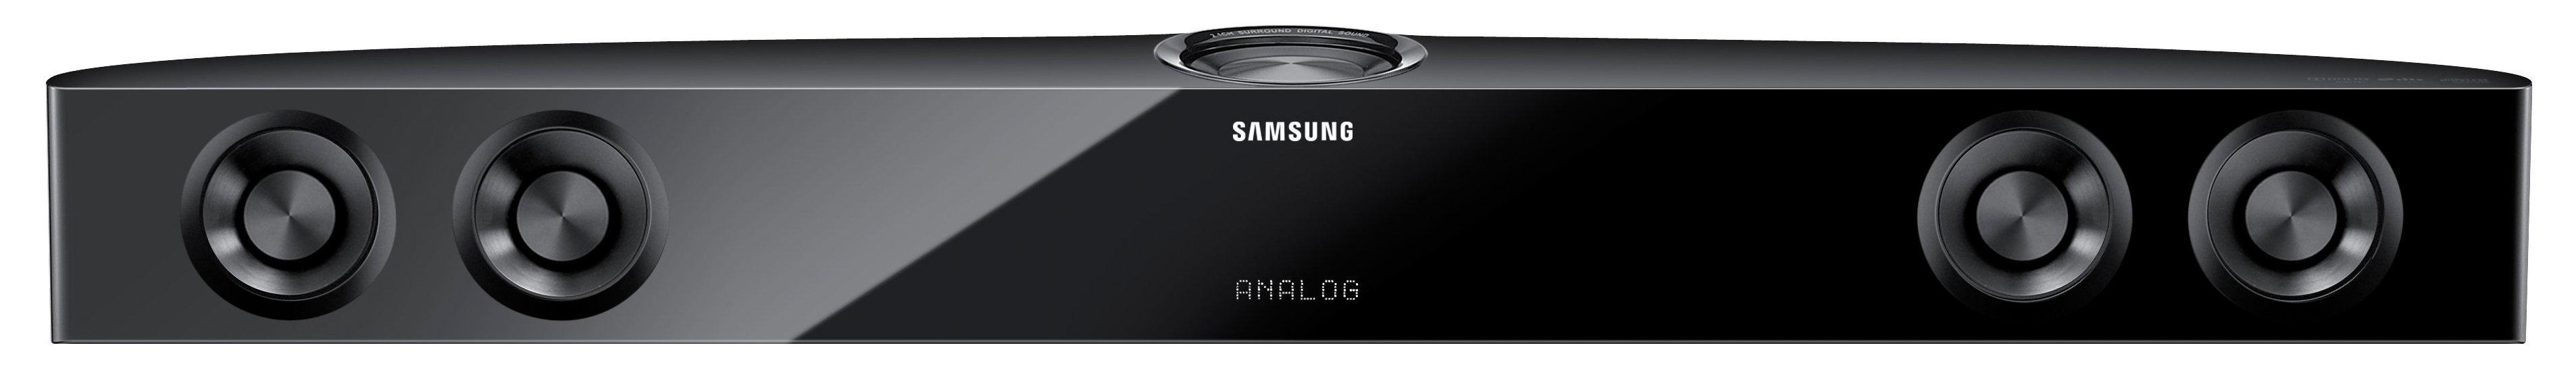 Amazon.com: Samsung HW-E350 AirTrack Soundbar: Electronics